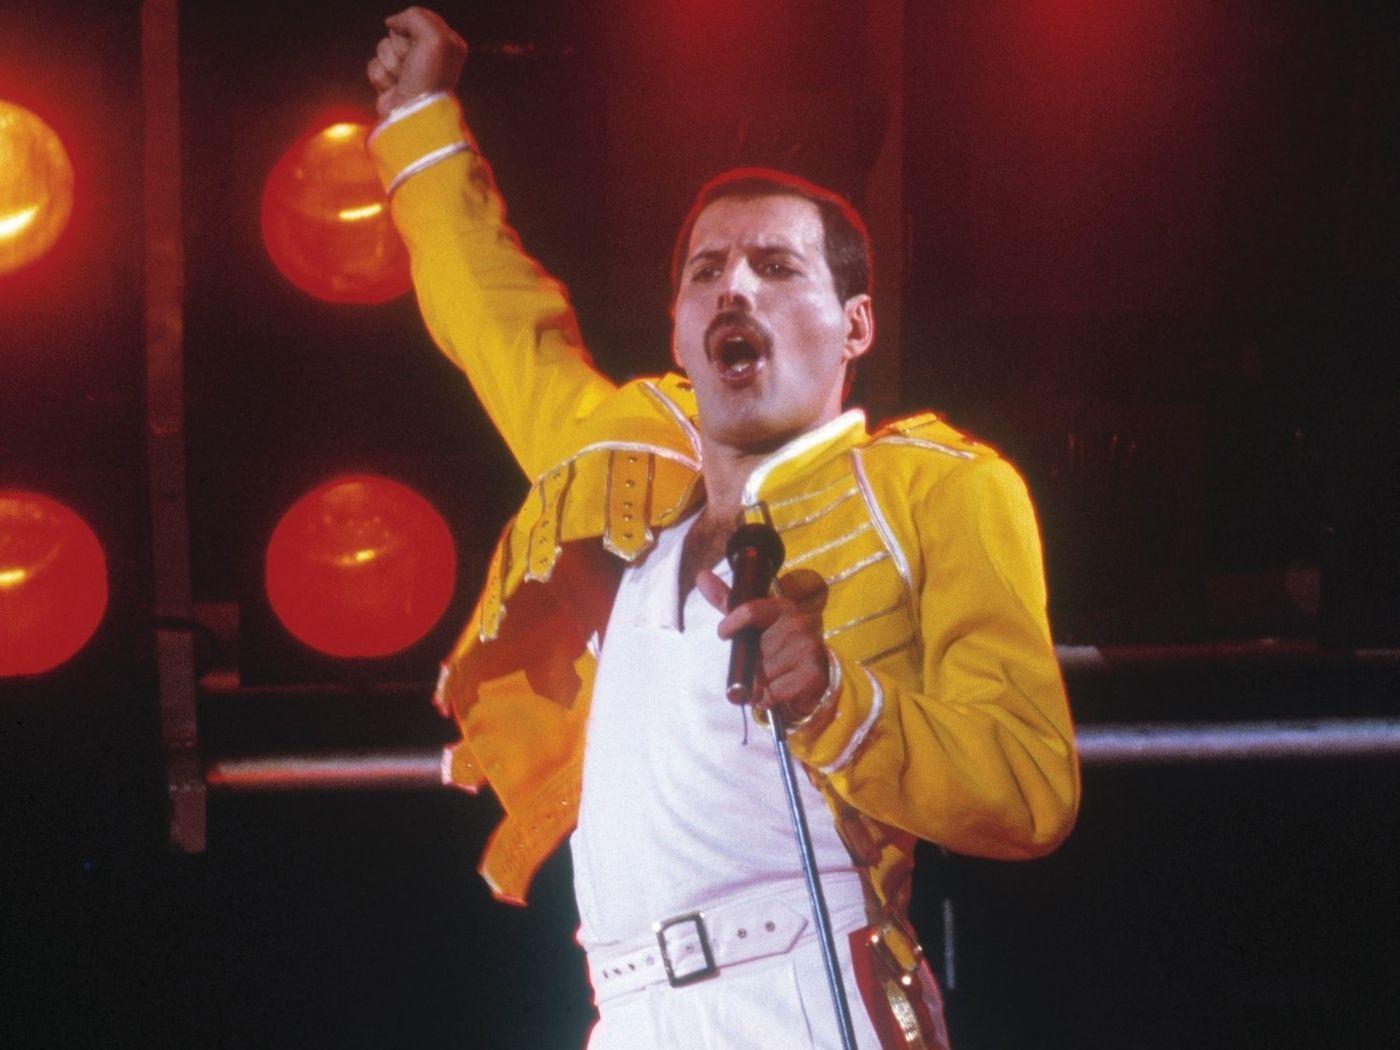 Konzert Antenne Mit QueenRock Freddie Letztes MercurySein DHIE29